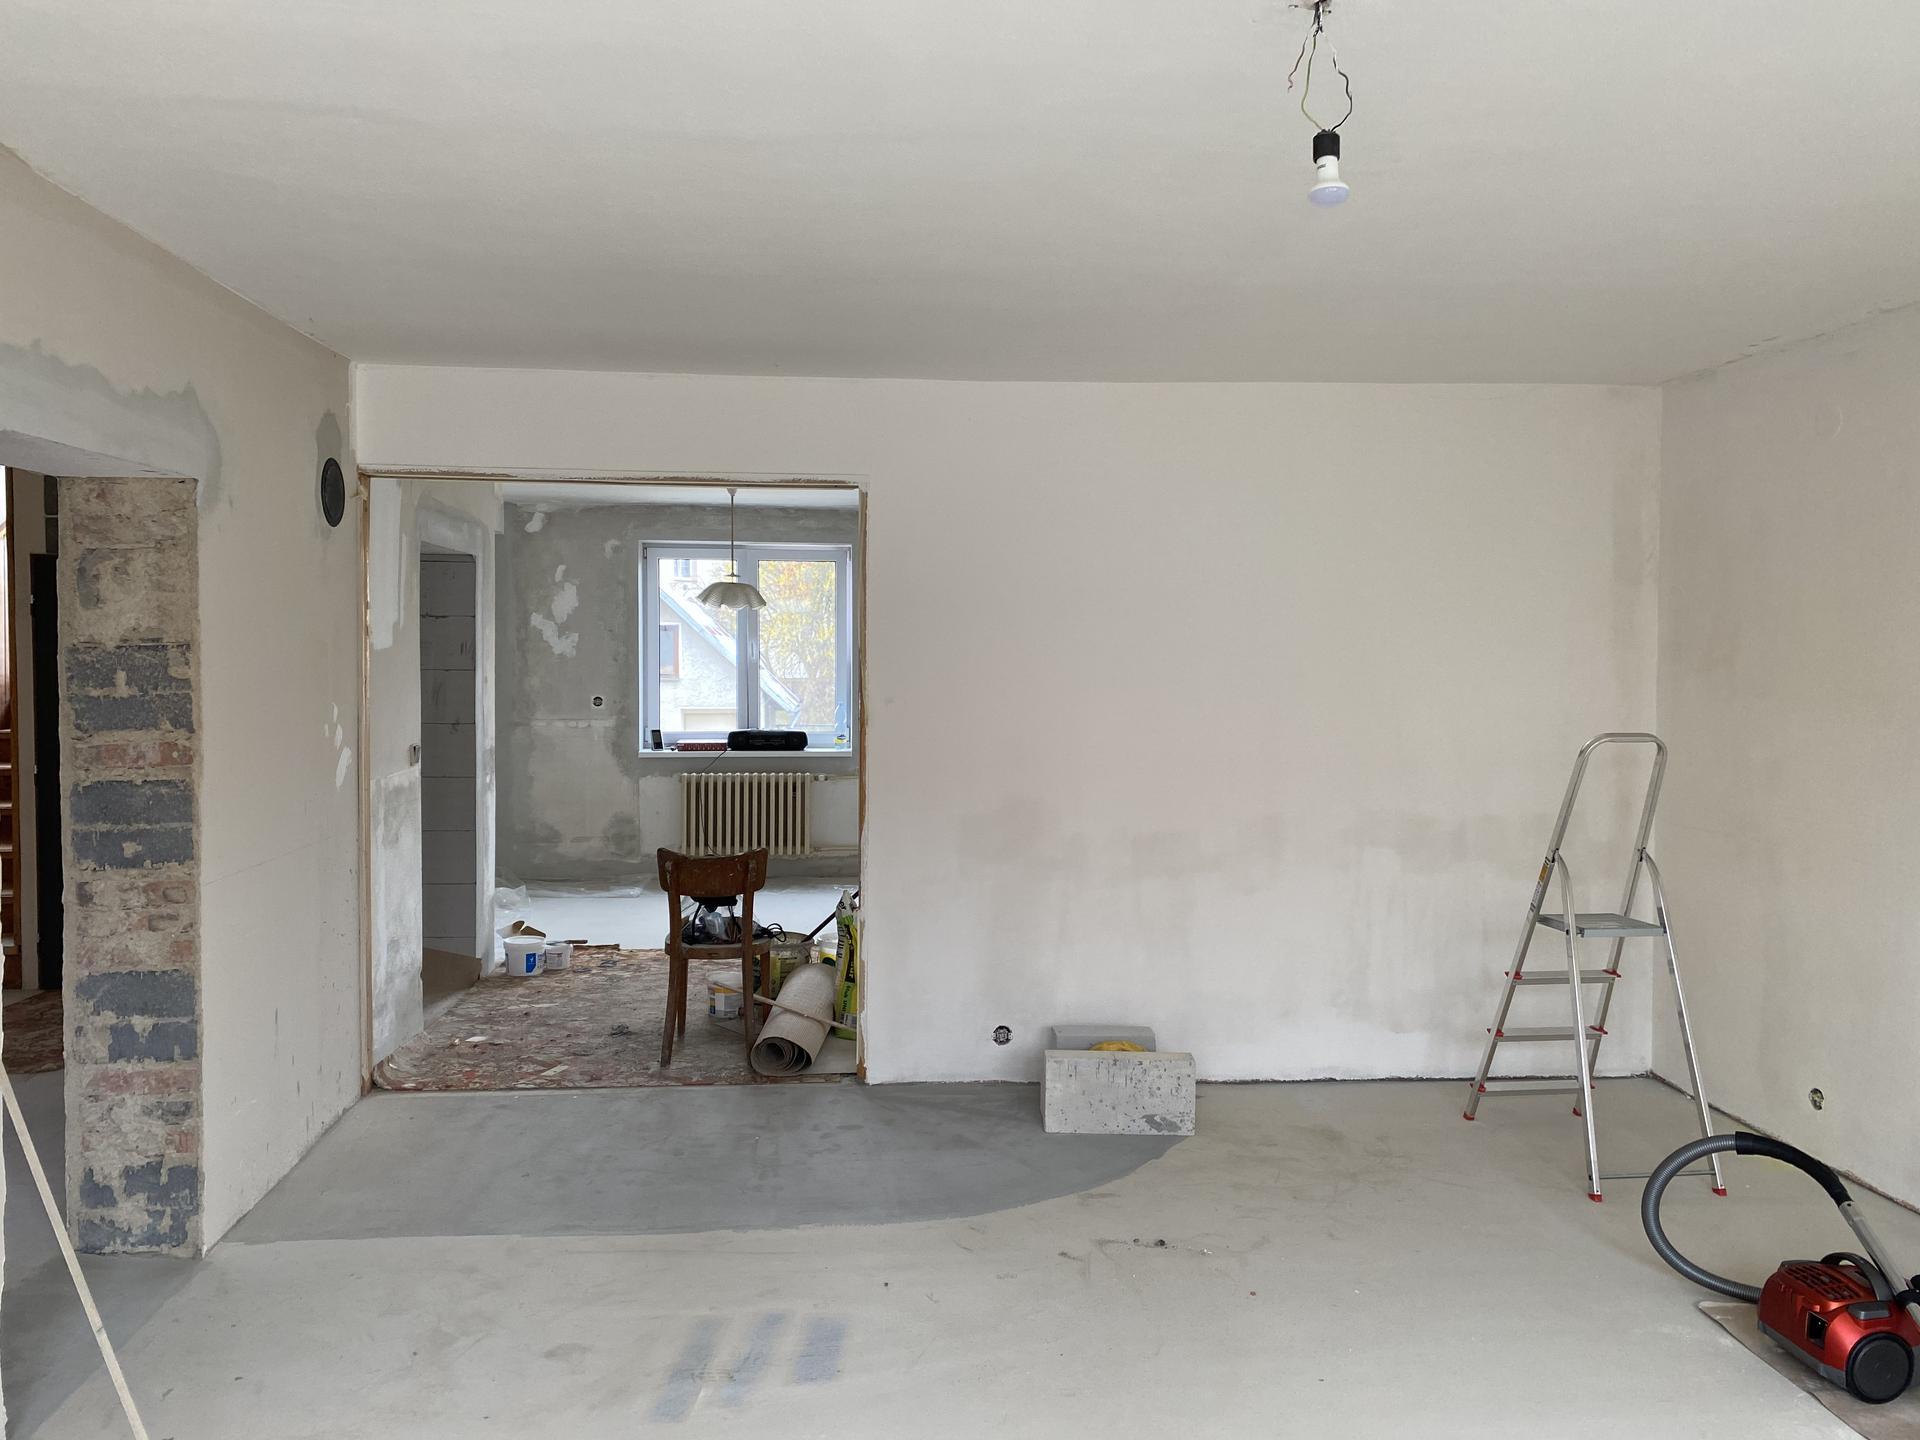 Náš sen bydlení ve vlastním 🏡🍀 - Vylití podlah...